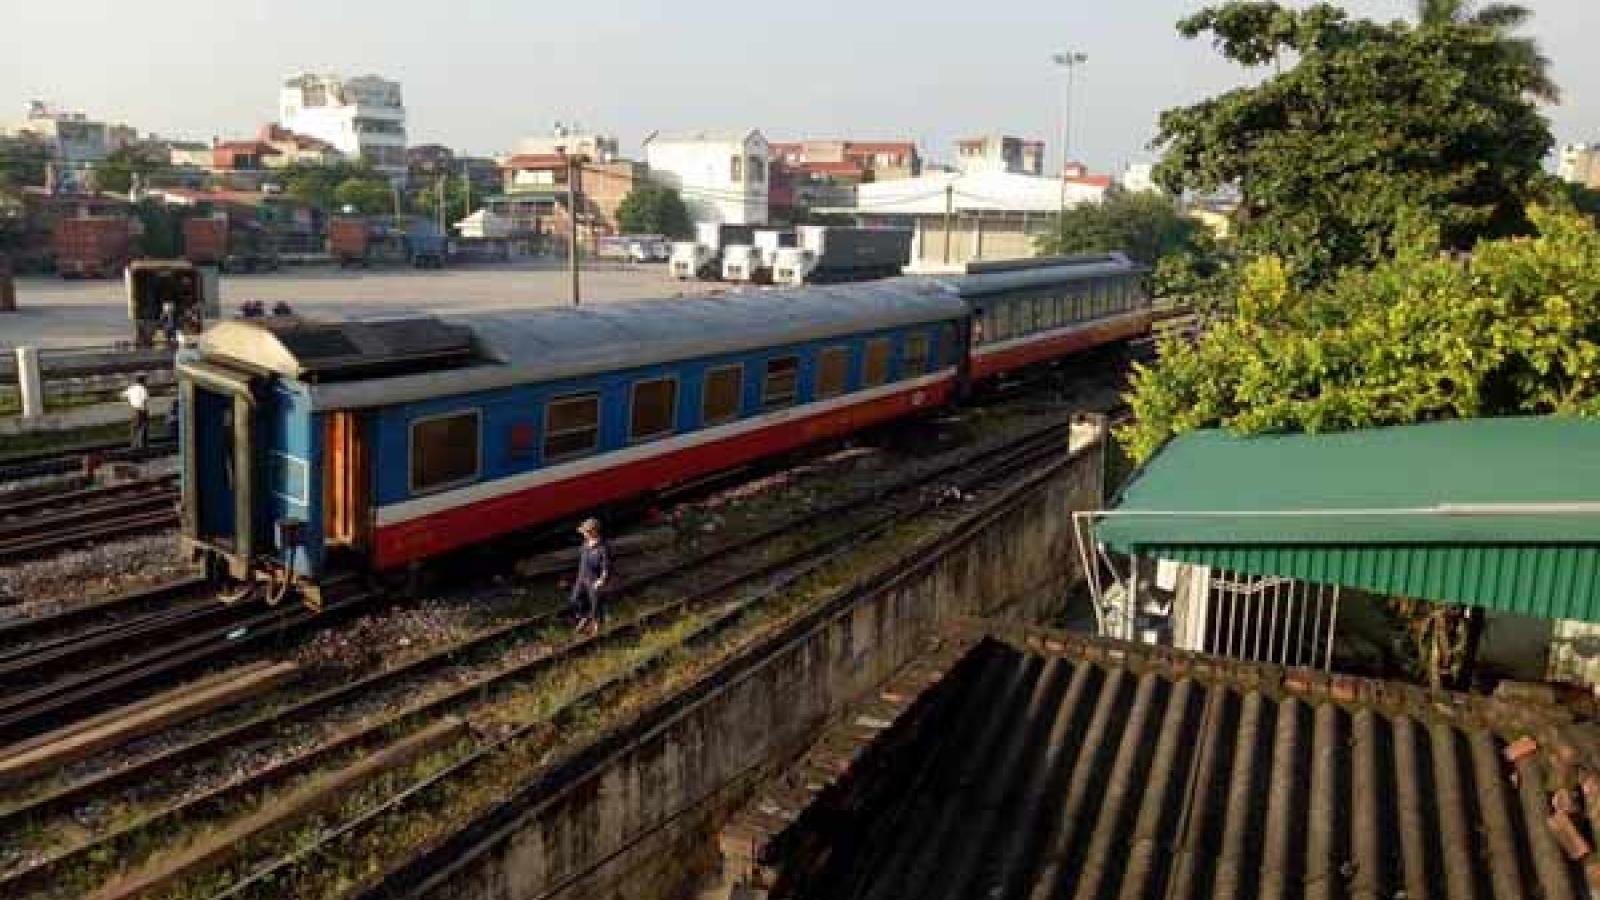 Gần 200 toa tàu hết niên hạn,ngành đường sắt bỏ đi hay xin hoán cải?